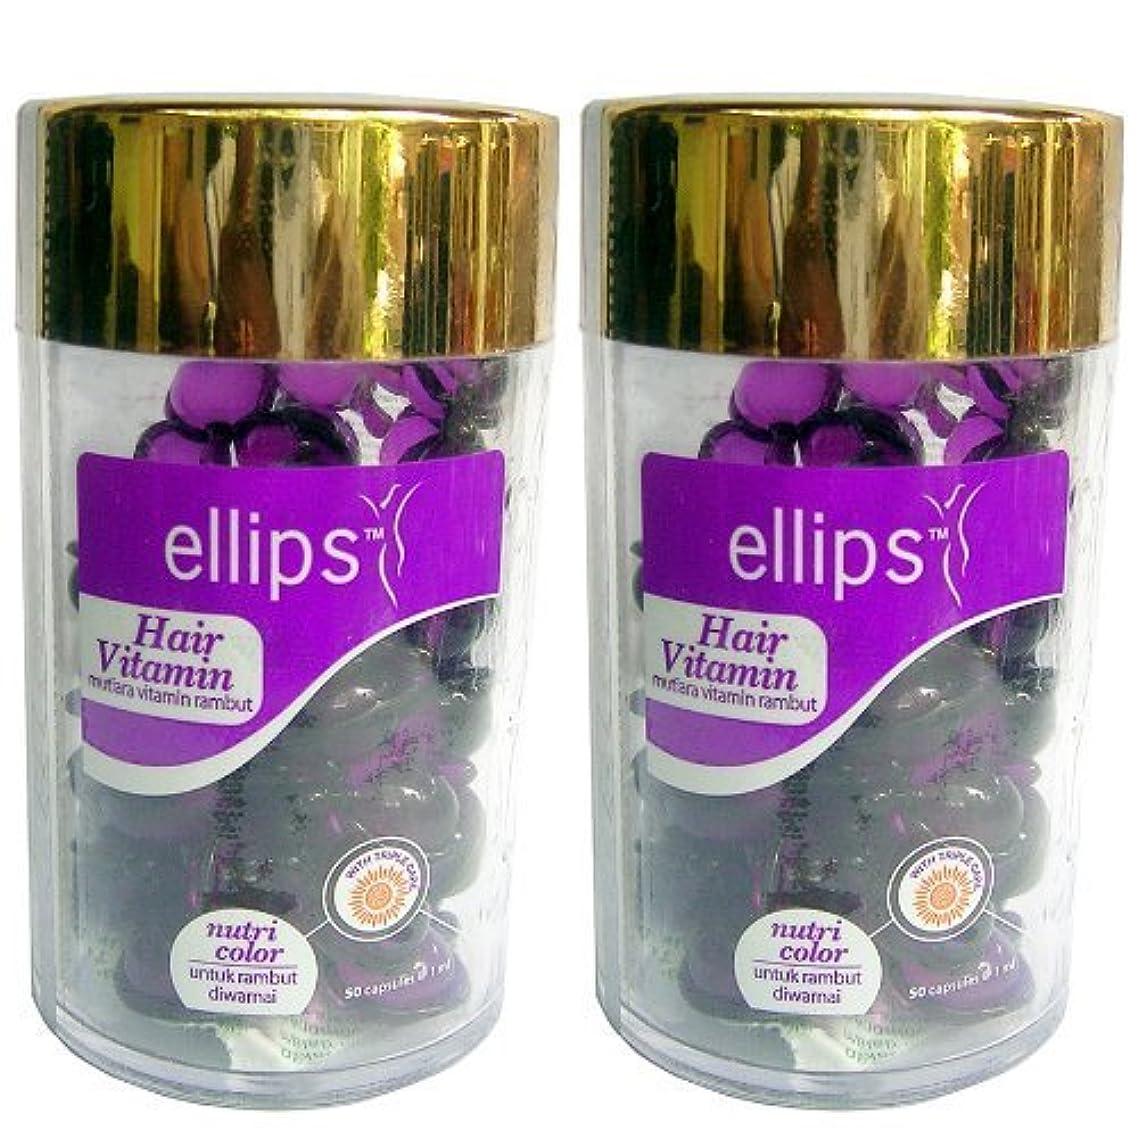 コンテストアルミニウム好ましいEllips(エリプス)ヘアビタミン(50粒入)2個セット [並行輸入品][海外直送品] パープル